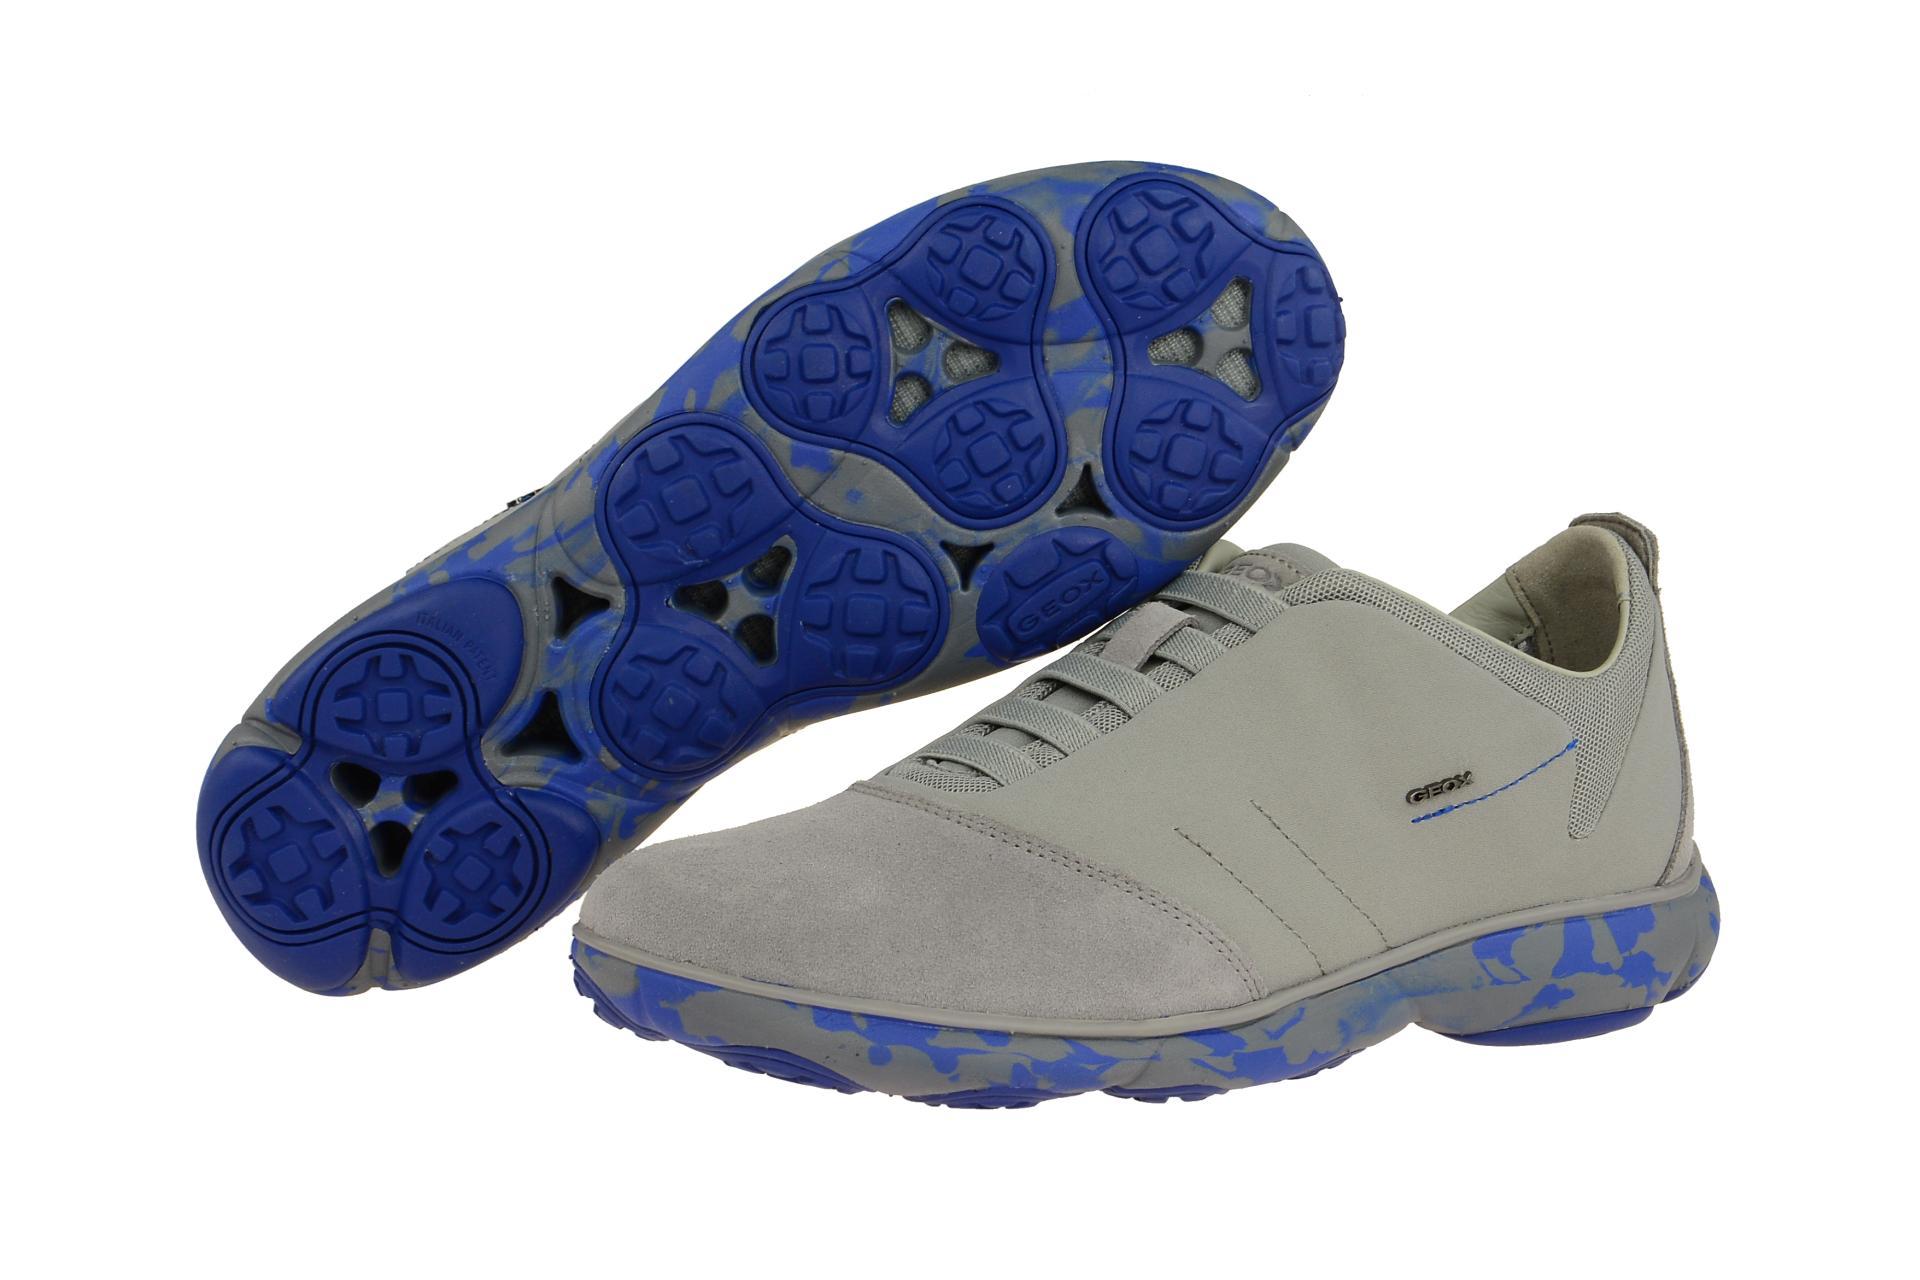 Geox Schuhe NEBULA grau Herrenschuhe sportliche Slipper